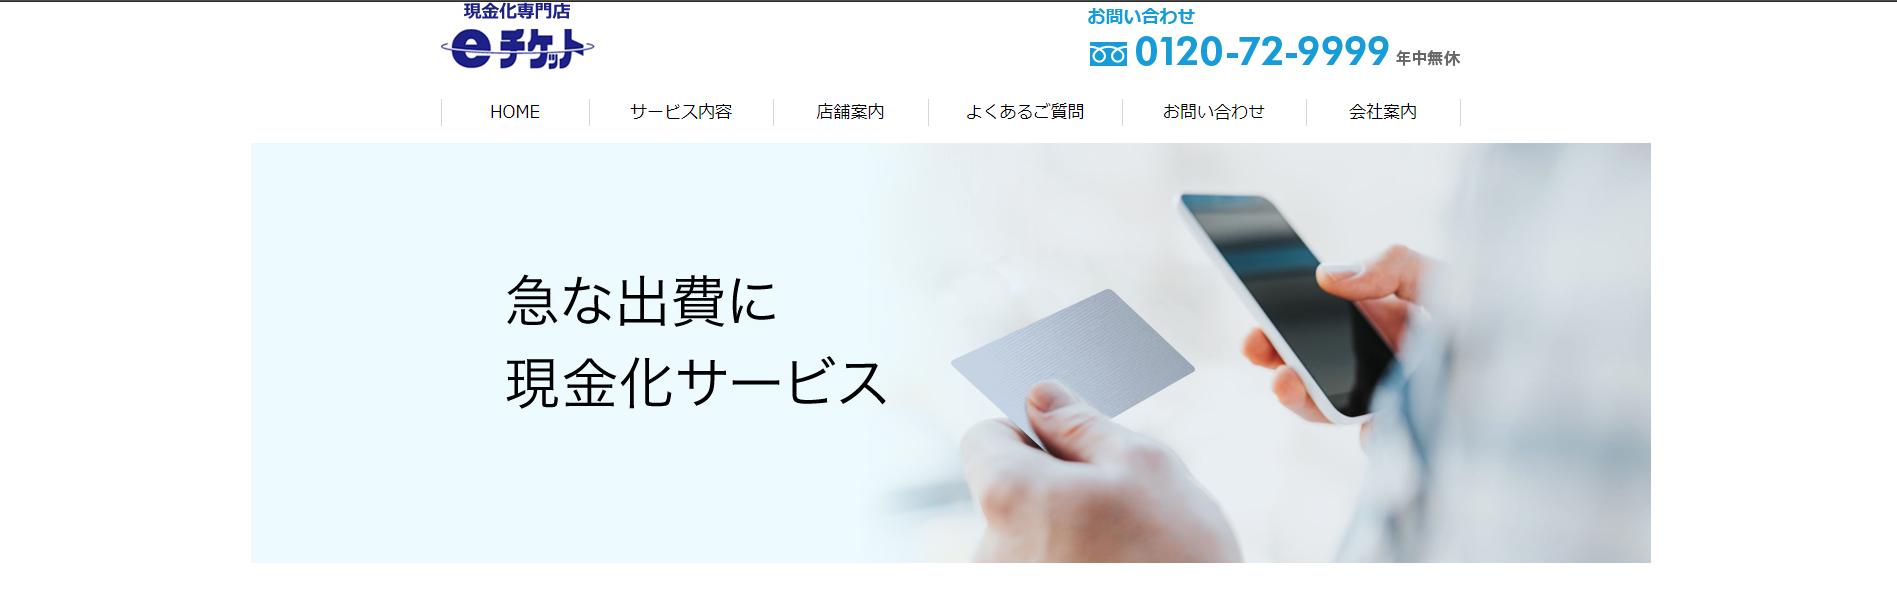 現金化専門店 eチケット(新宿店)